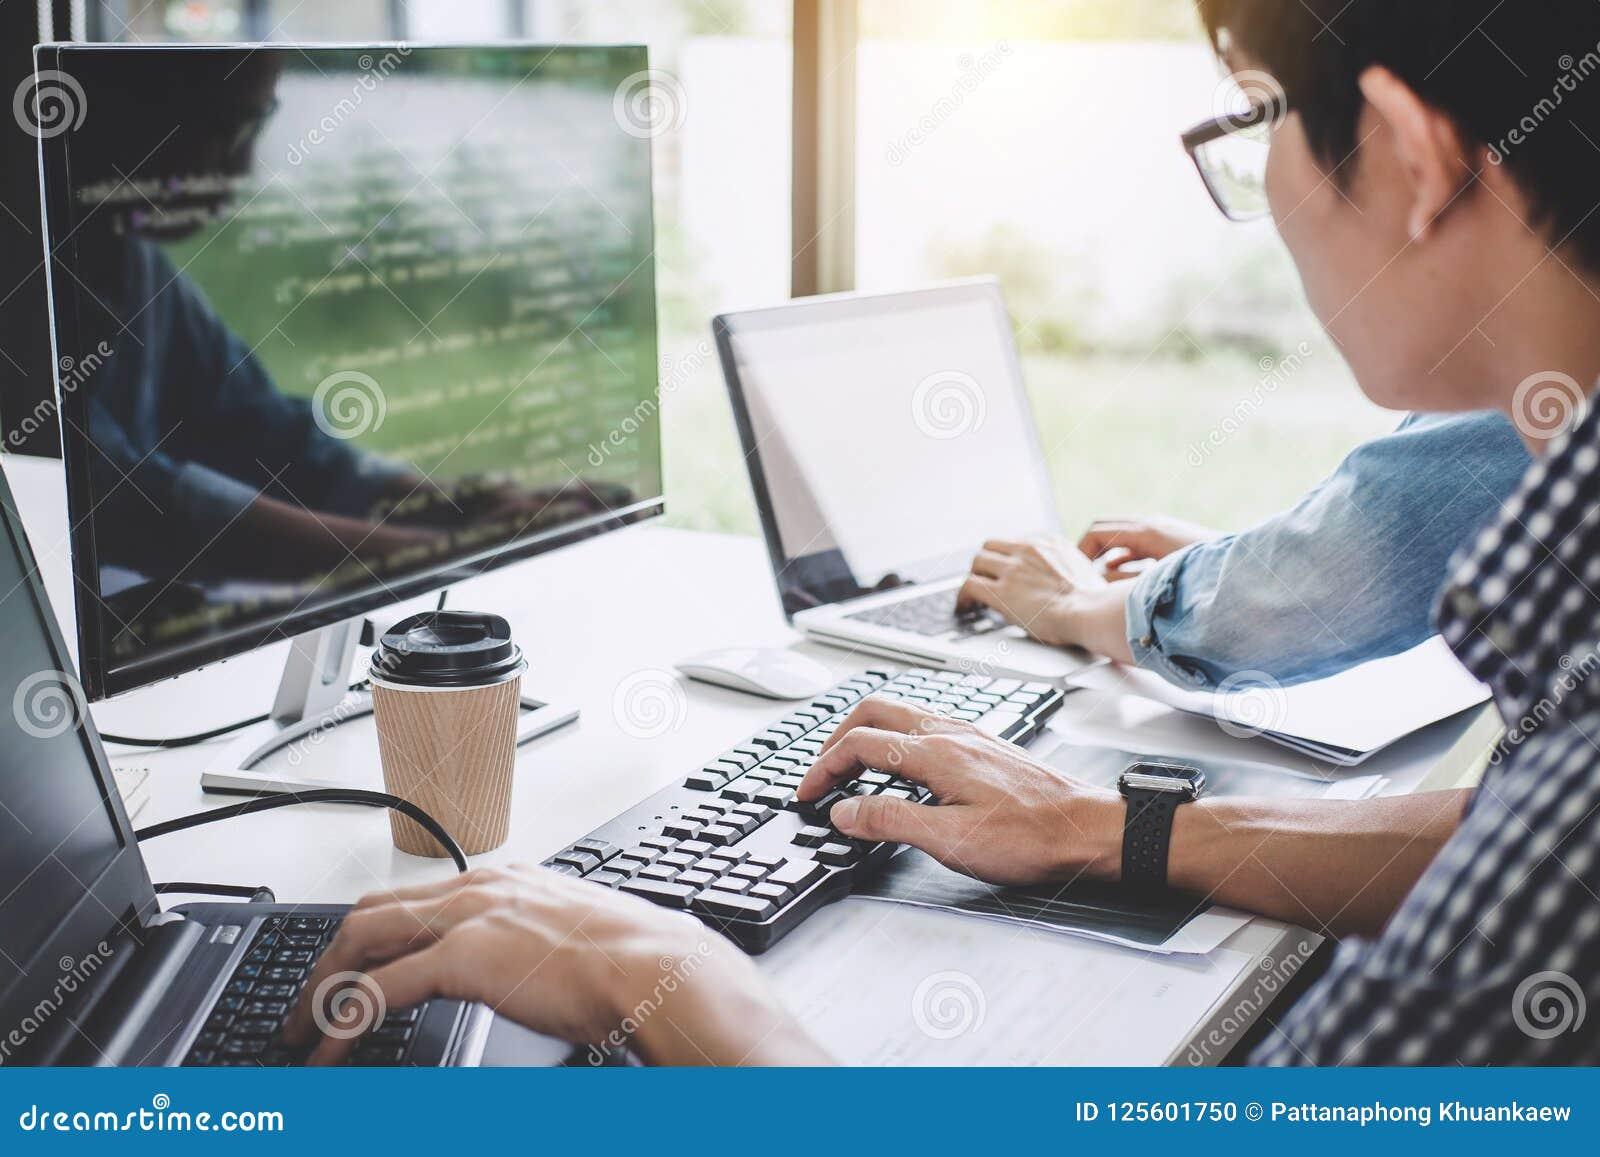 Programmierer, die an sich entwickelnder Programmierung und an Website wo zusammenarbeiten